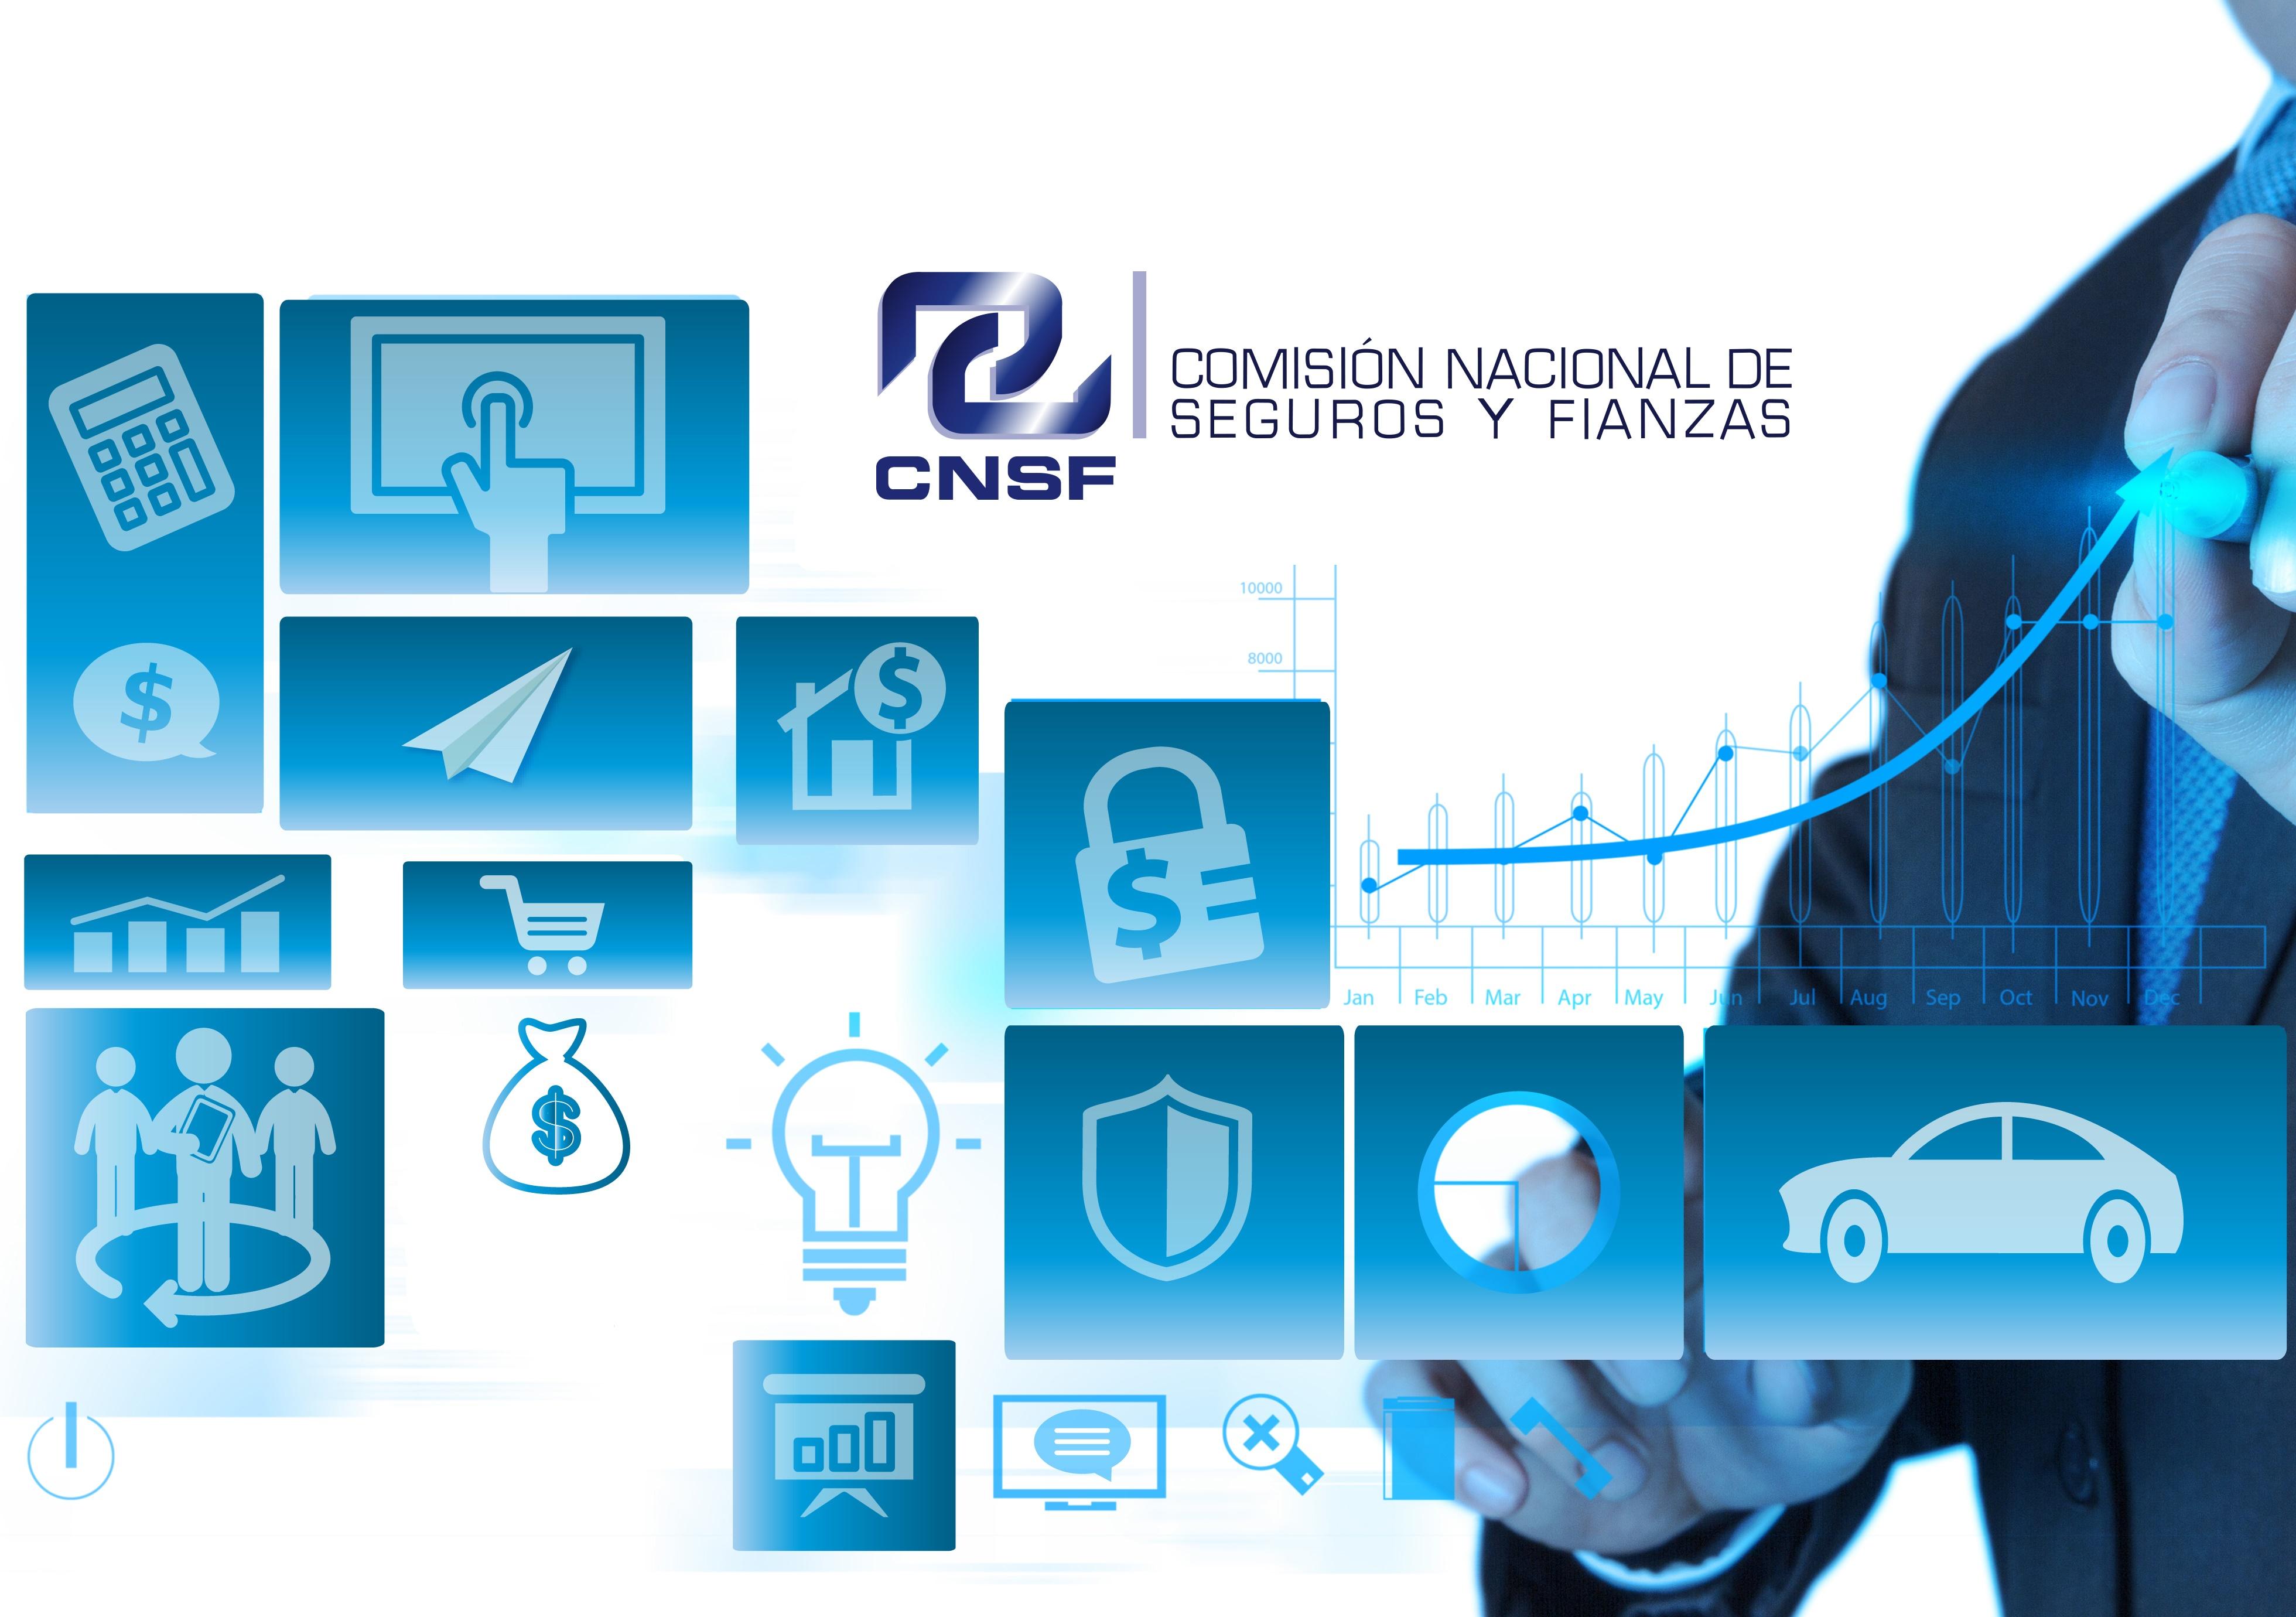 Comisión Nacional de Seguros y Fianzas CNSF